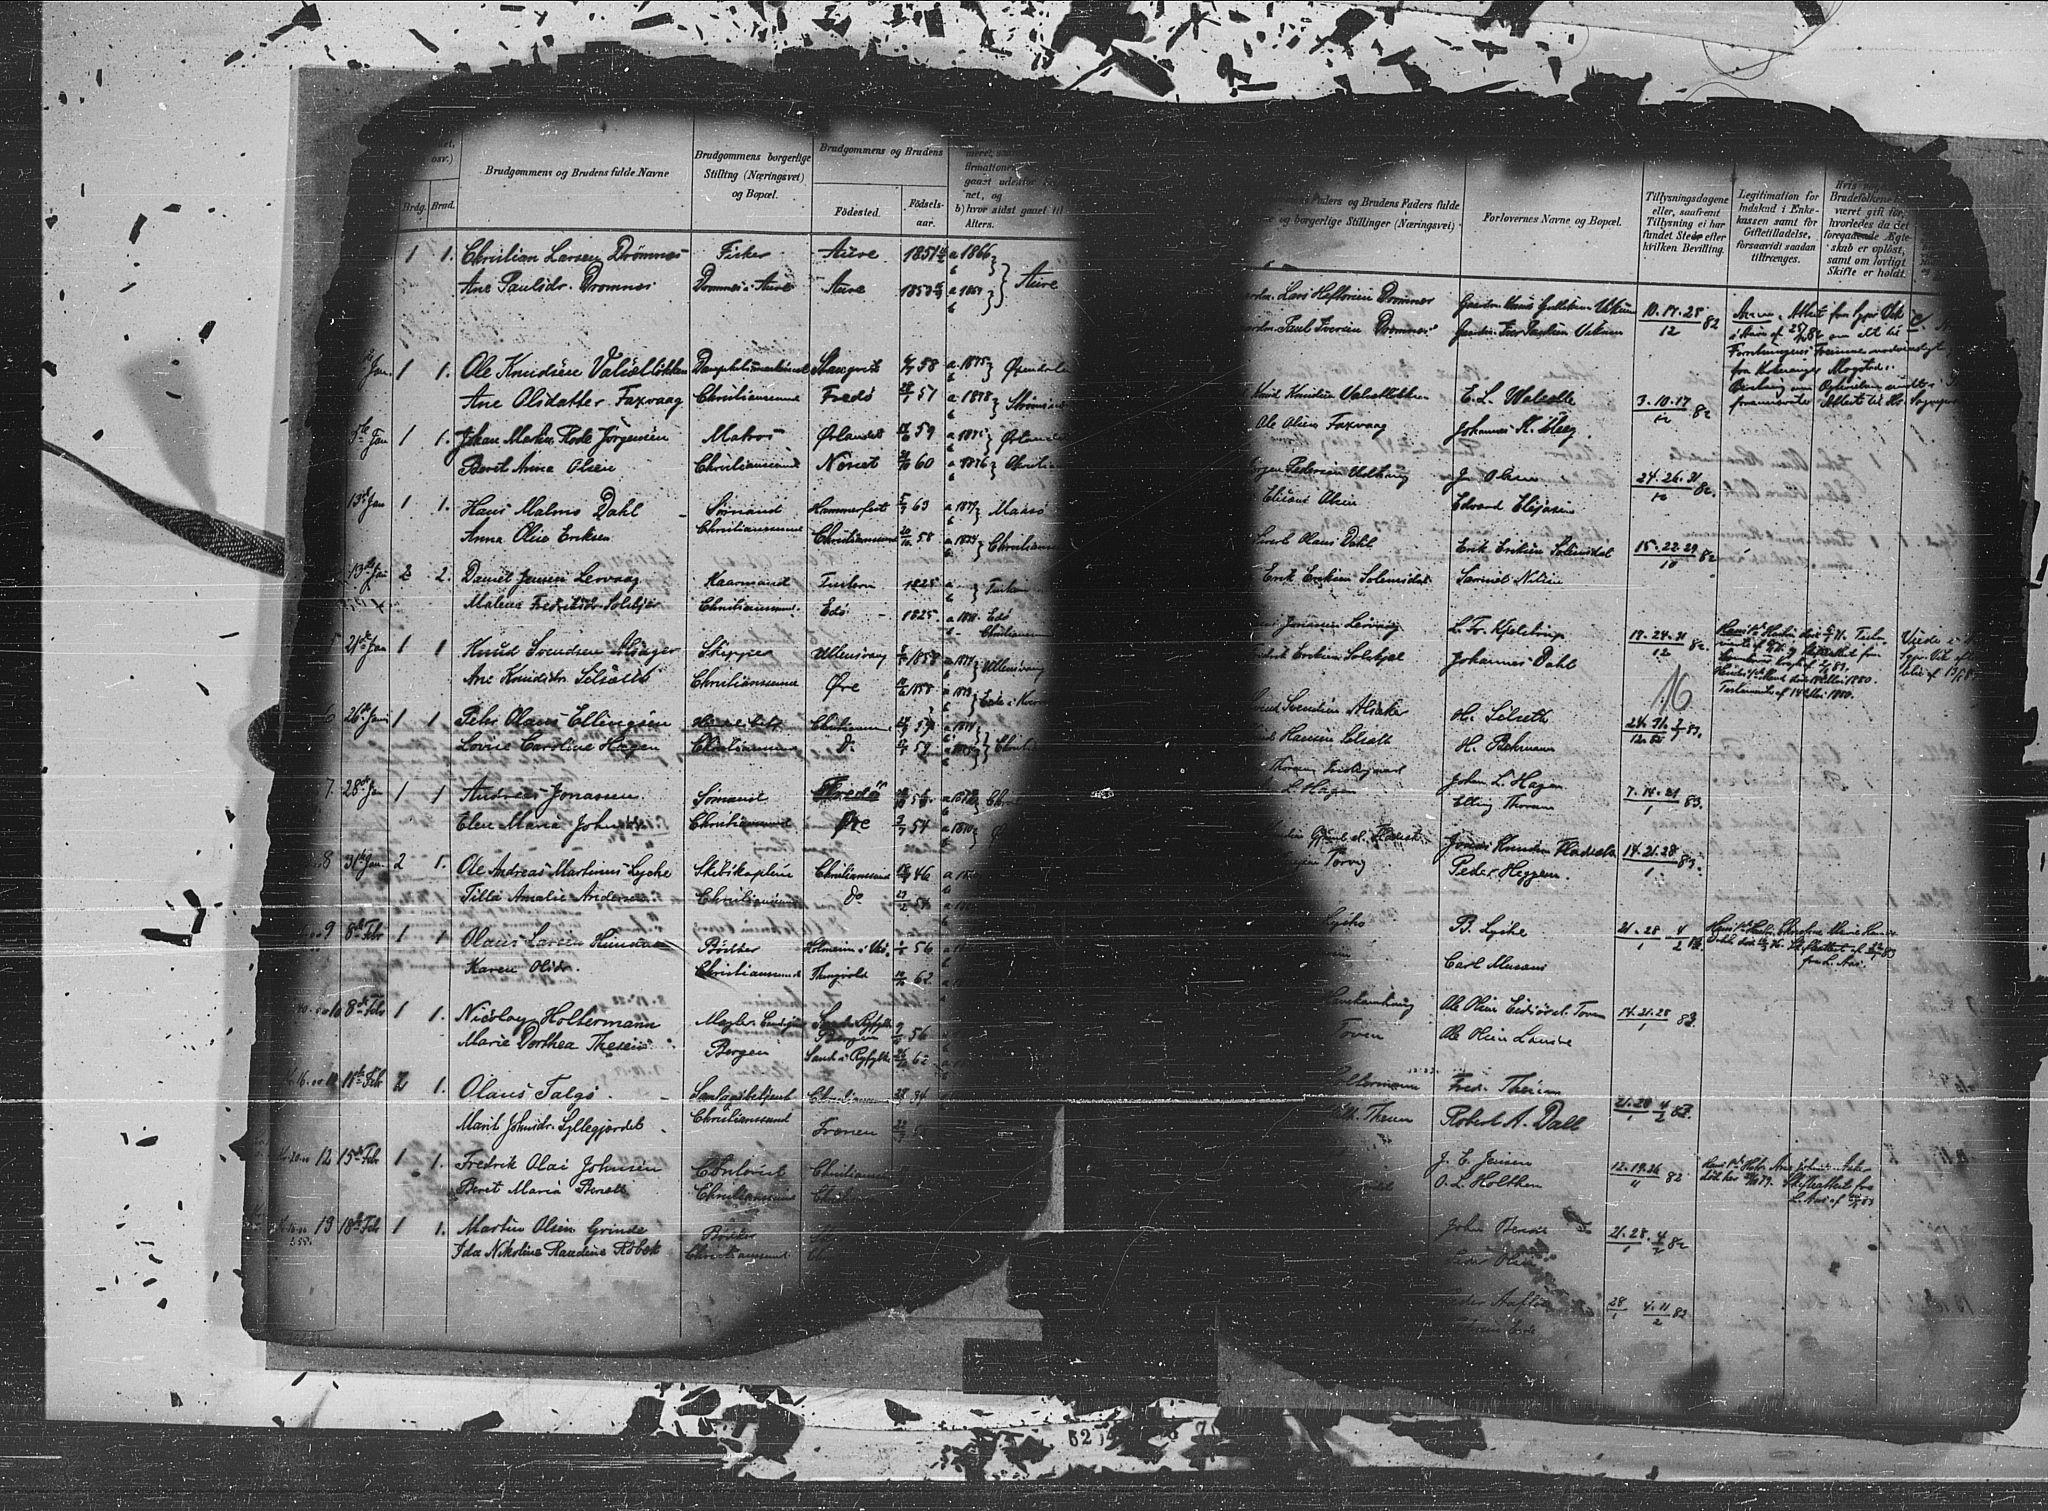 SAT, Ministerialprotokoller, klokkerbøker og fødselsregistre - Møre og Romsdal, 572/L0854: Ministerialbok nr. 572A17, 1880-1905, s. 16